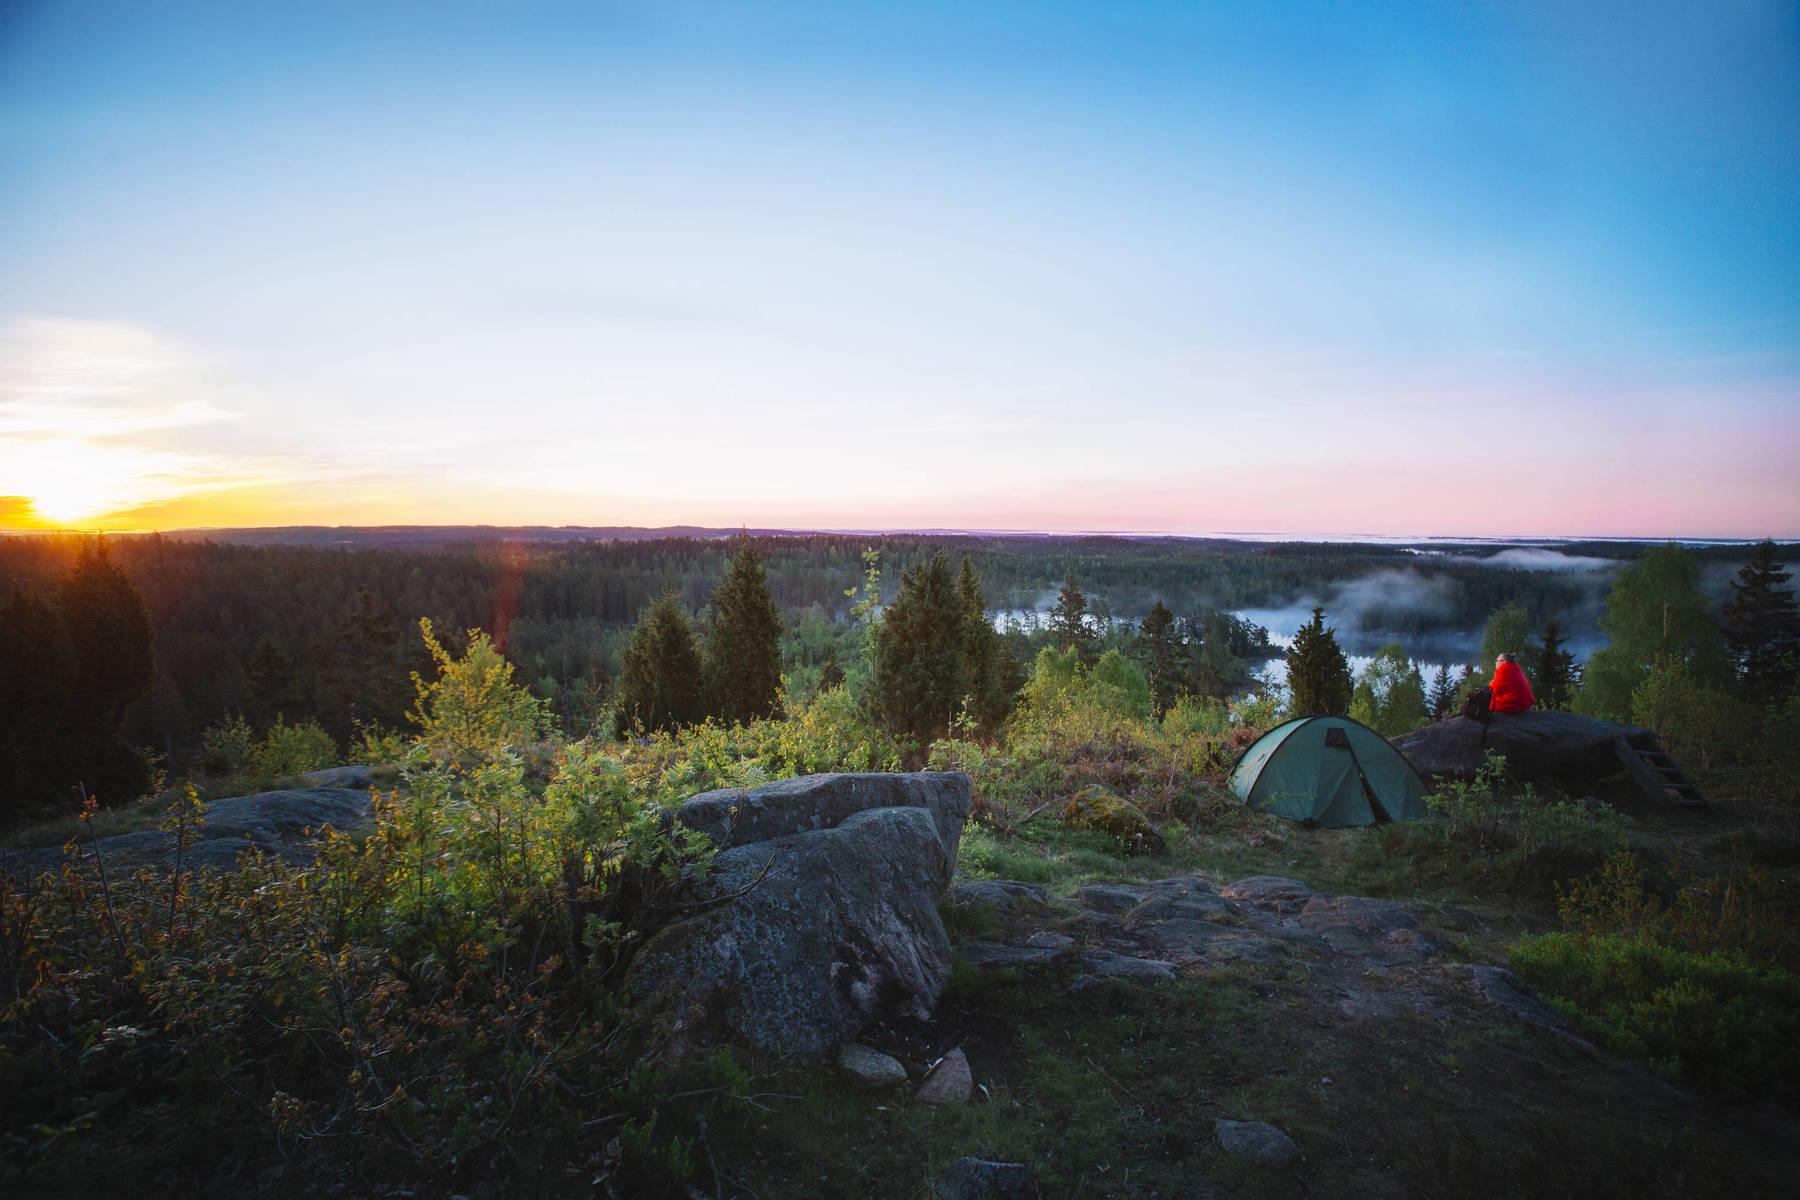 Vacker utsikt och soluppgång vid Hultaklint/Singoallas grotta